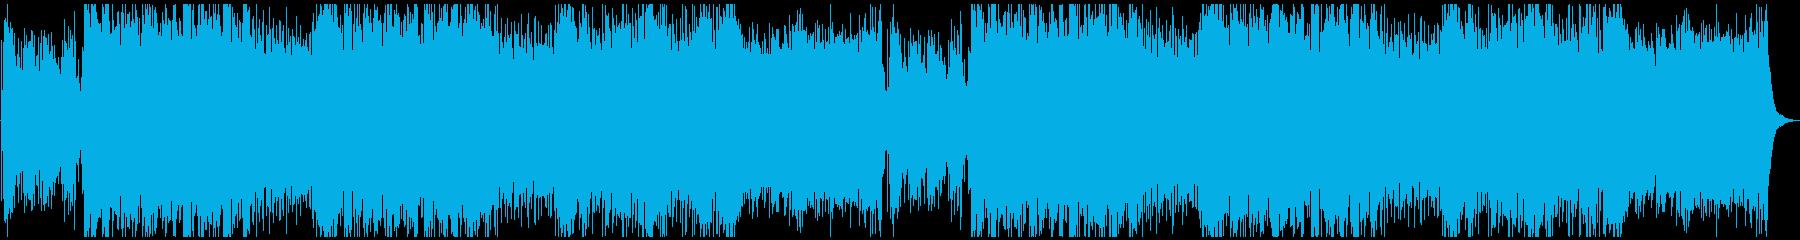 砂漠のエスニック曲の再生済みの波形